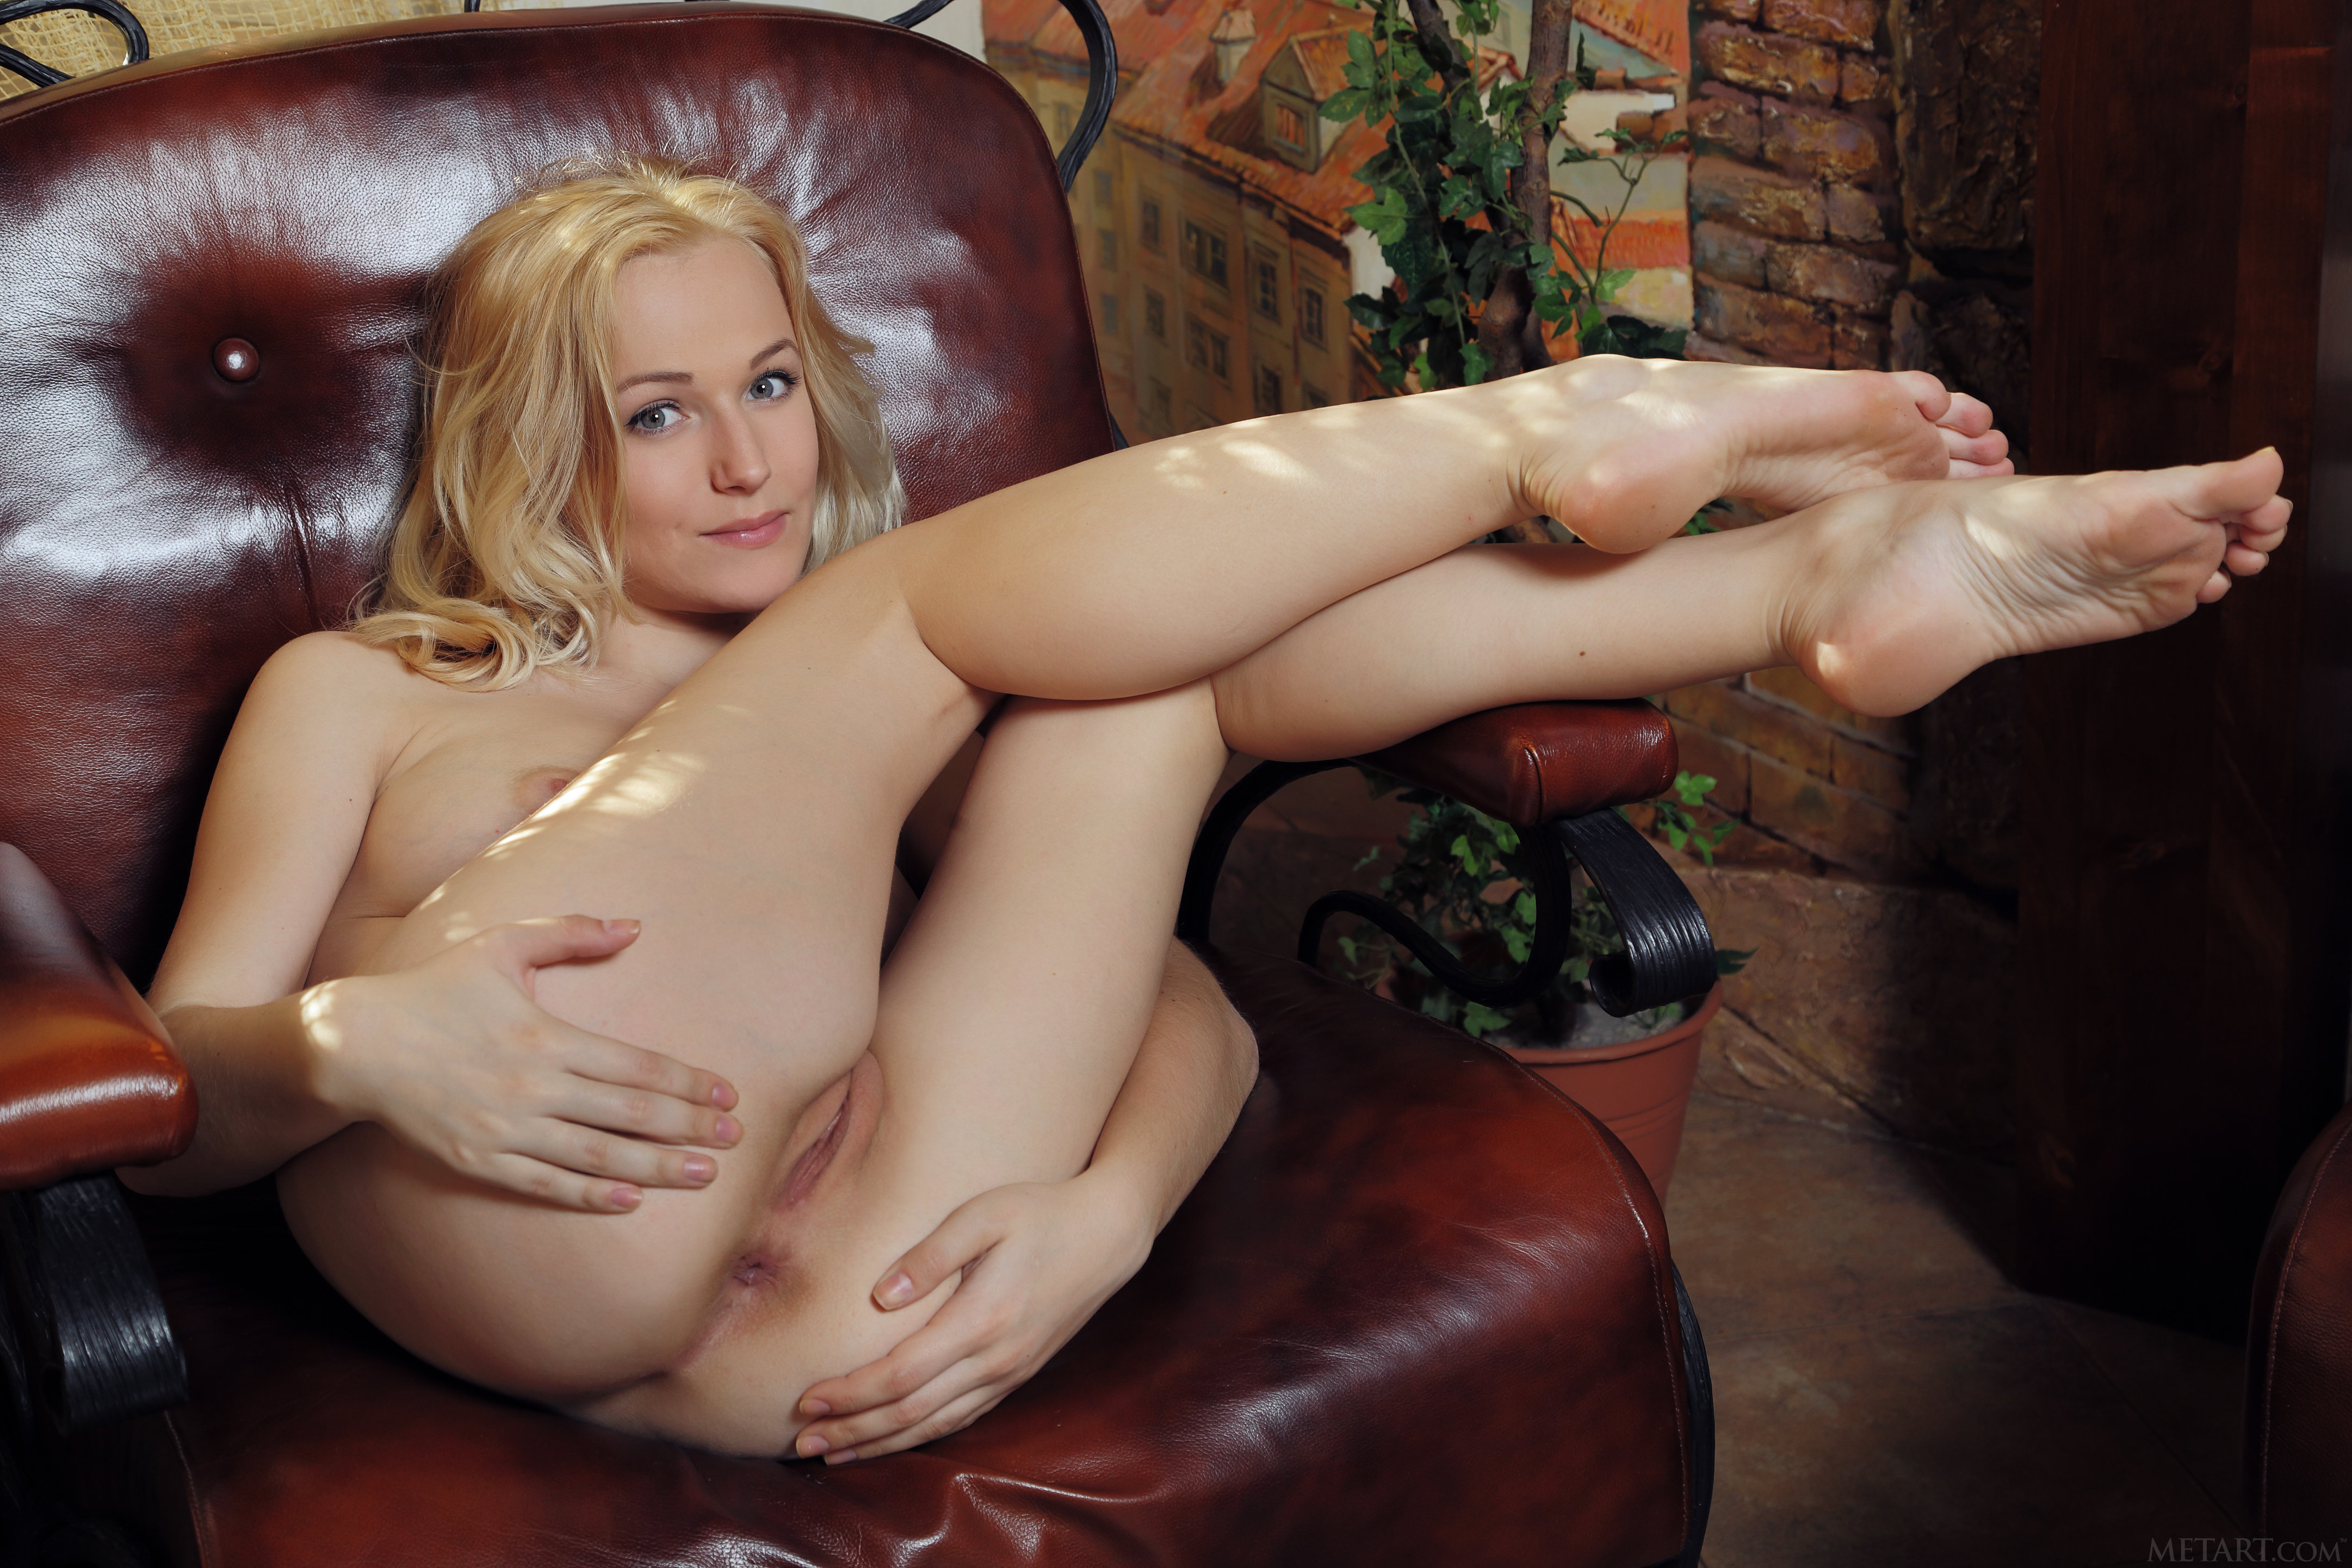 nozhki-porno-bosie-foto